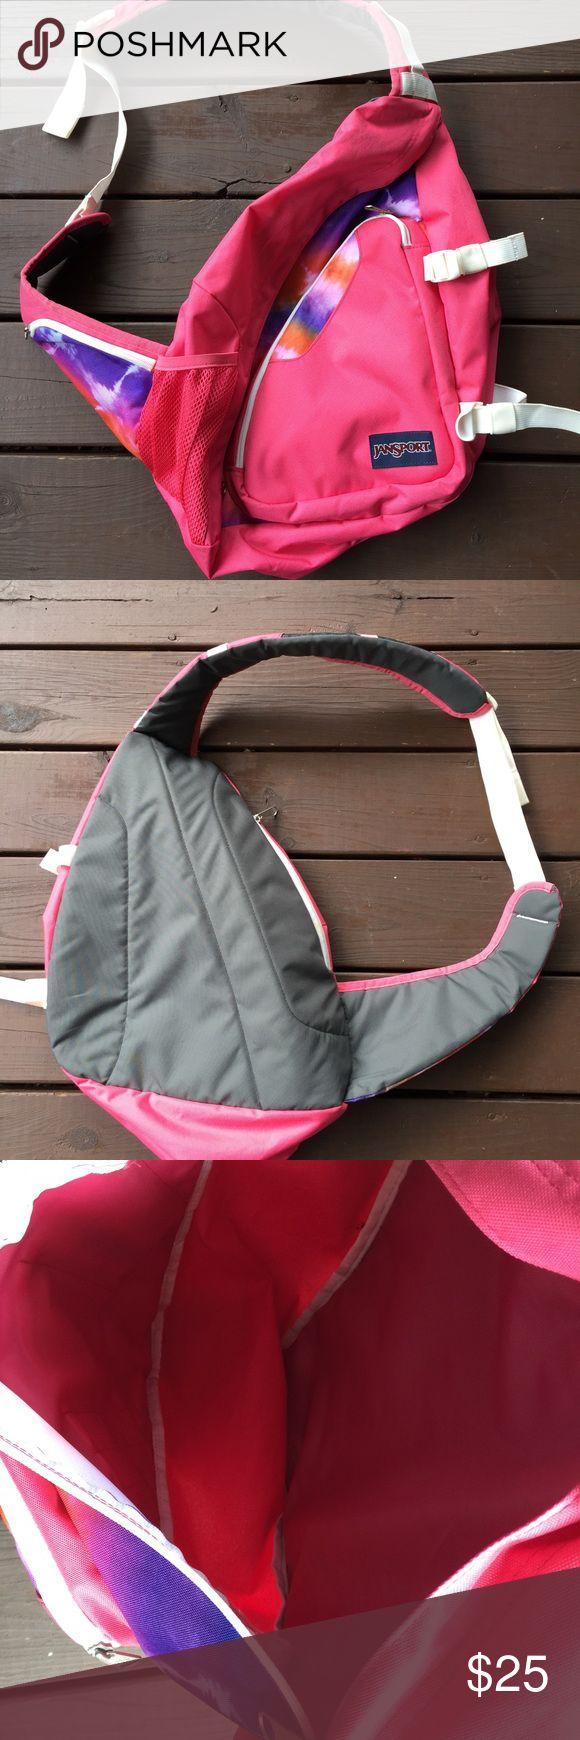 Jansport one shoulder sling backpack. Jansport one shoulder sling backpack. This is a great pink backpack very clean. Jansport Bags Backpacks